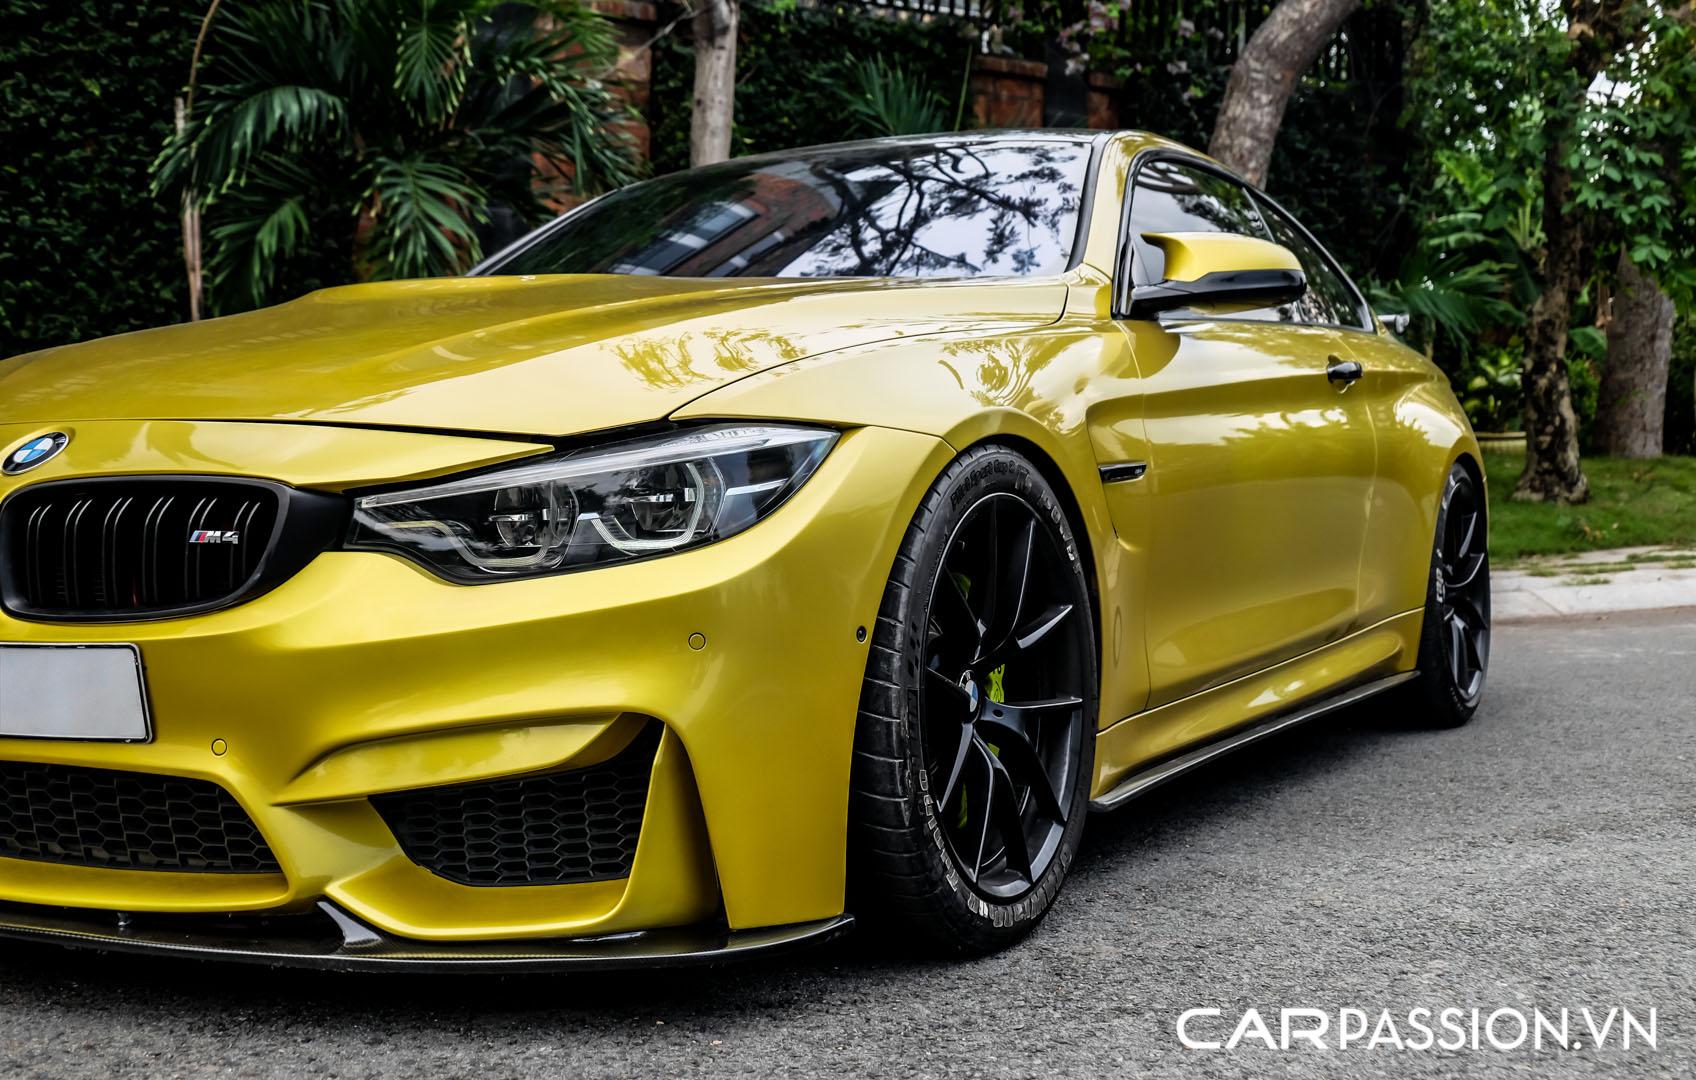 CP-BMW M4 F8 được rao bán (23).jpg